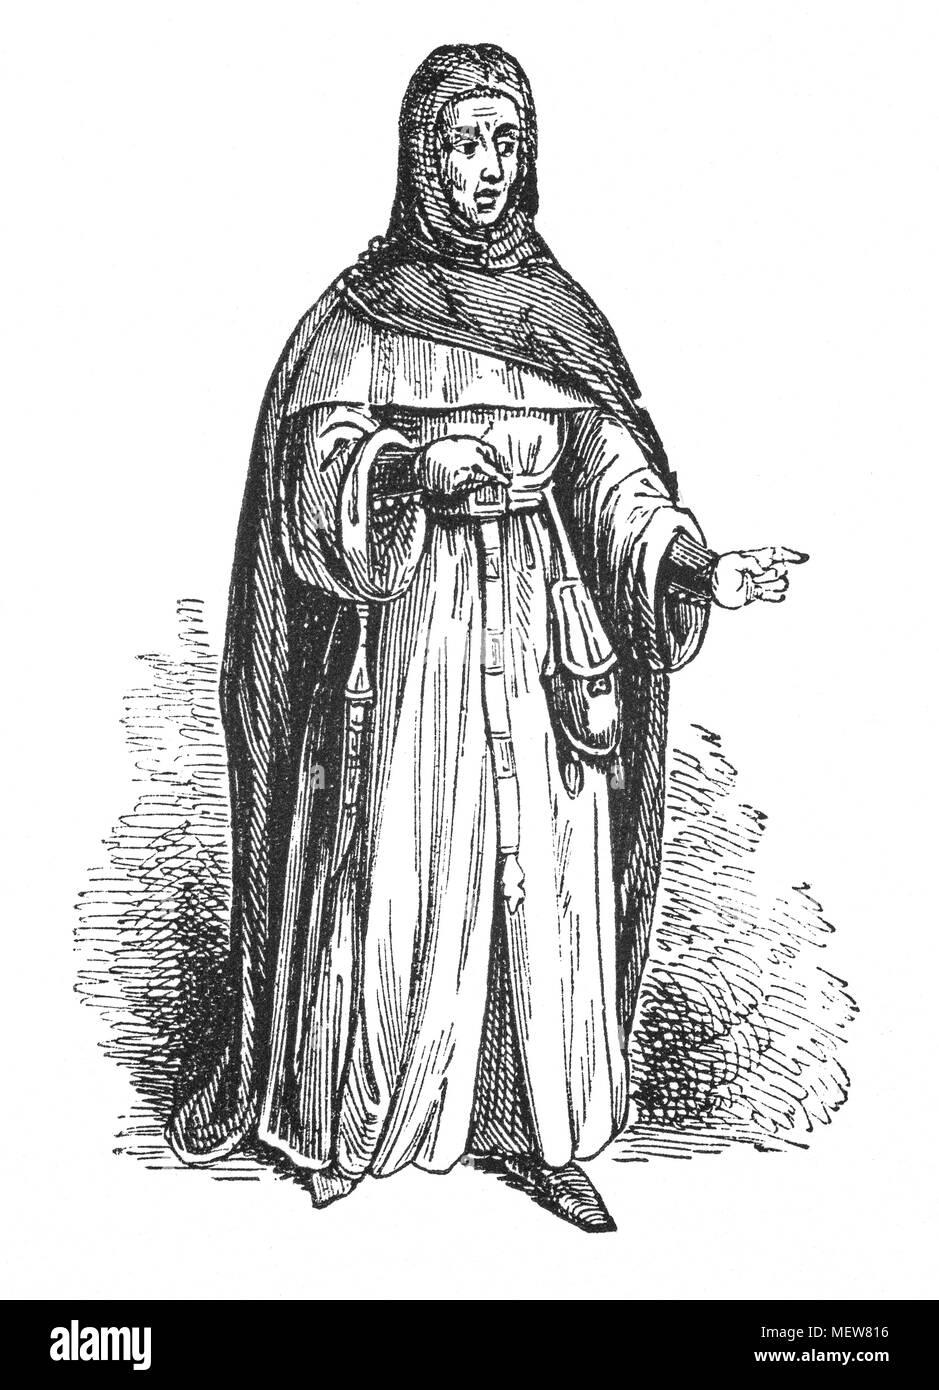 Sir William Gascoigne (1350 - 1419) war Präsident des Obersten Gerichtshofs von England während der Regierungszeit von König Heinrich IV. Er erzielte histotic Ruhm durch die beliebte Geschichte von seiner Verpflichtung der Prinz von Wales (die Zukunft Henry V) ins Gefängnis. Es wird gesagt, daß der Richter die Strafe eines riotous Begleiter des Prinzen geleitet hatte, und der Prinz, der anwesend war und wütend auf der Satz, angeschlagen oder grob beleidigt der Richter. Gascoigne sofort verpflichtet ihn zum Gefängnis, und gab der Fürst ein dressing-down, die ihn veranlaßte, die Gerechtigkeit der Satz zu bestätigen. Die staory hat nie authentifiziert wurde, Stockbild